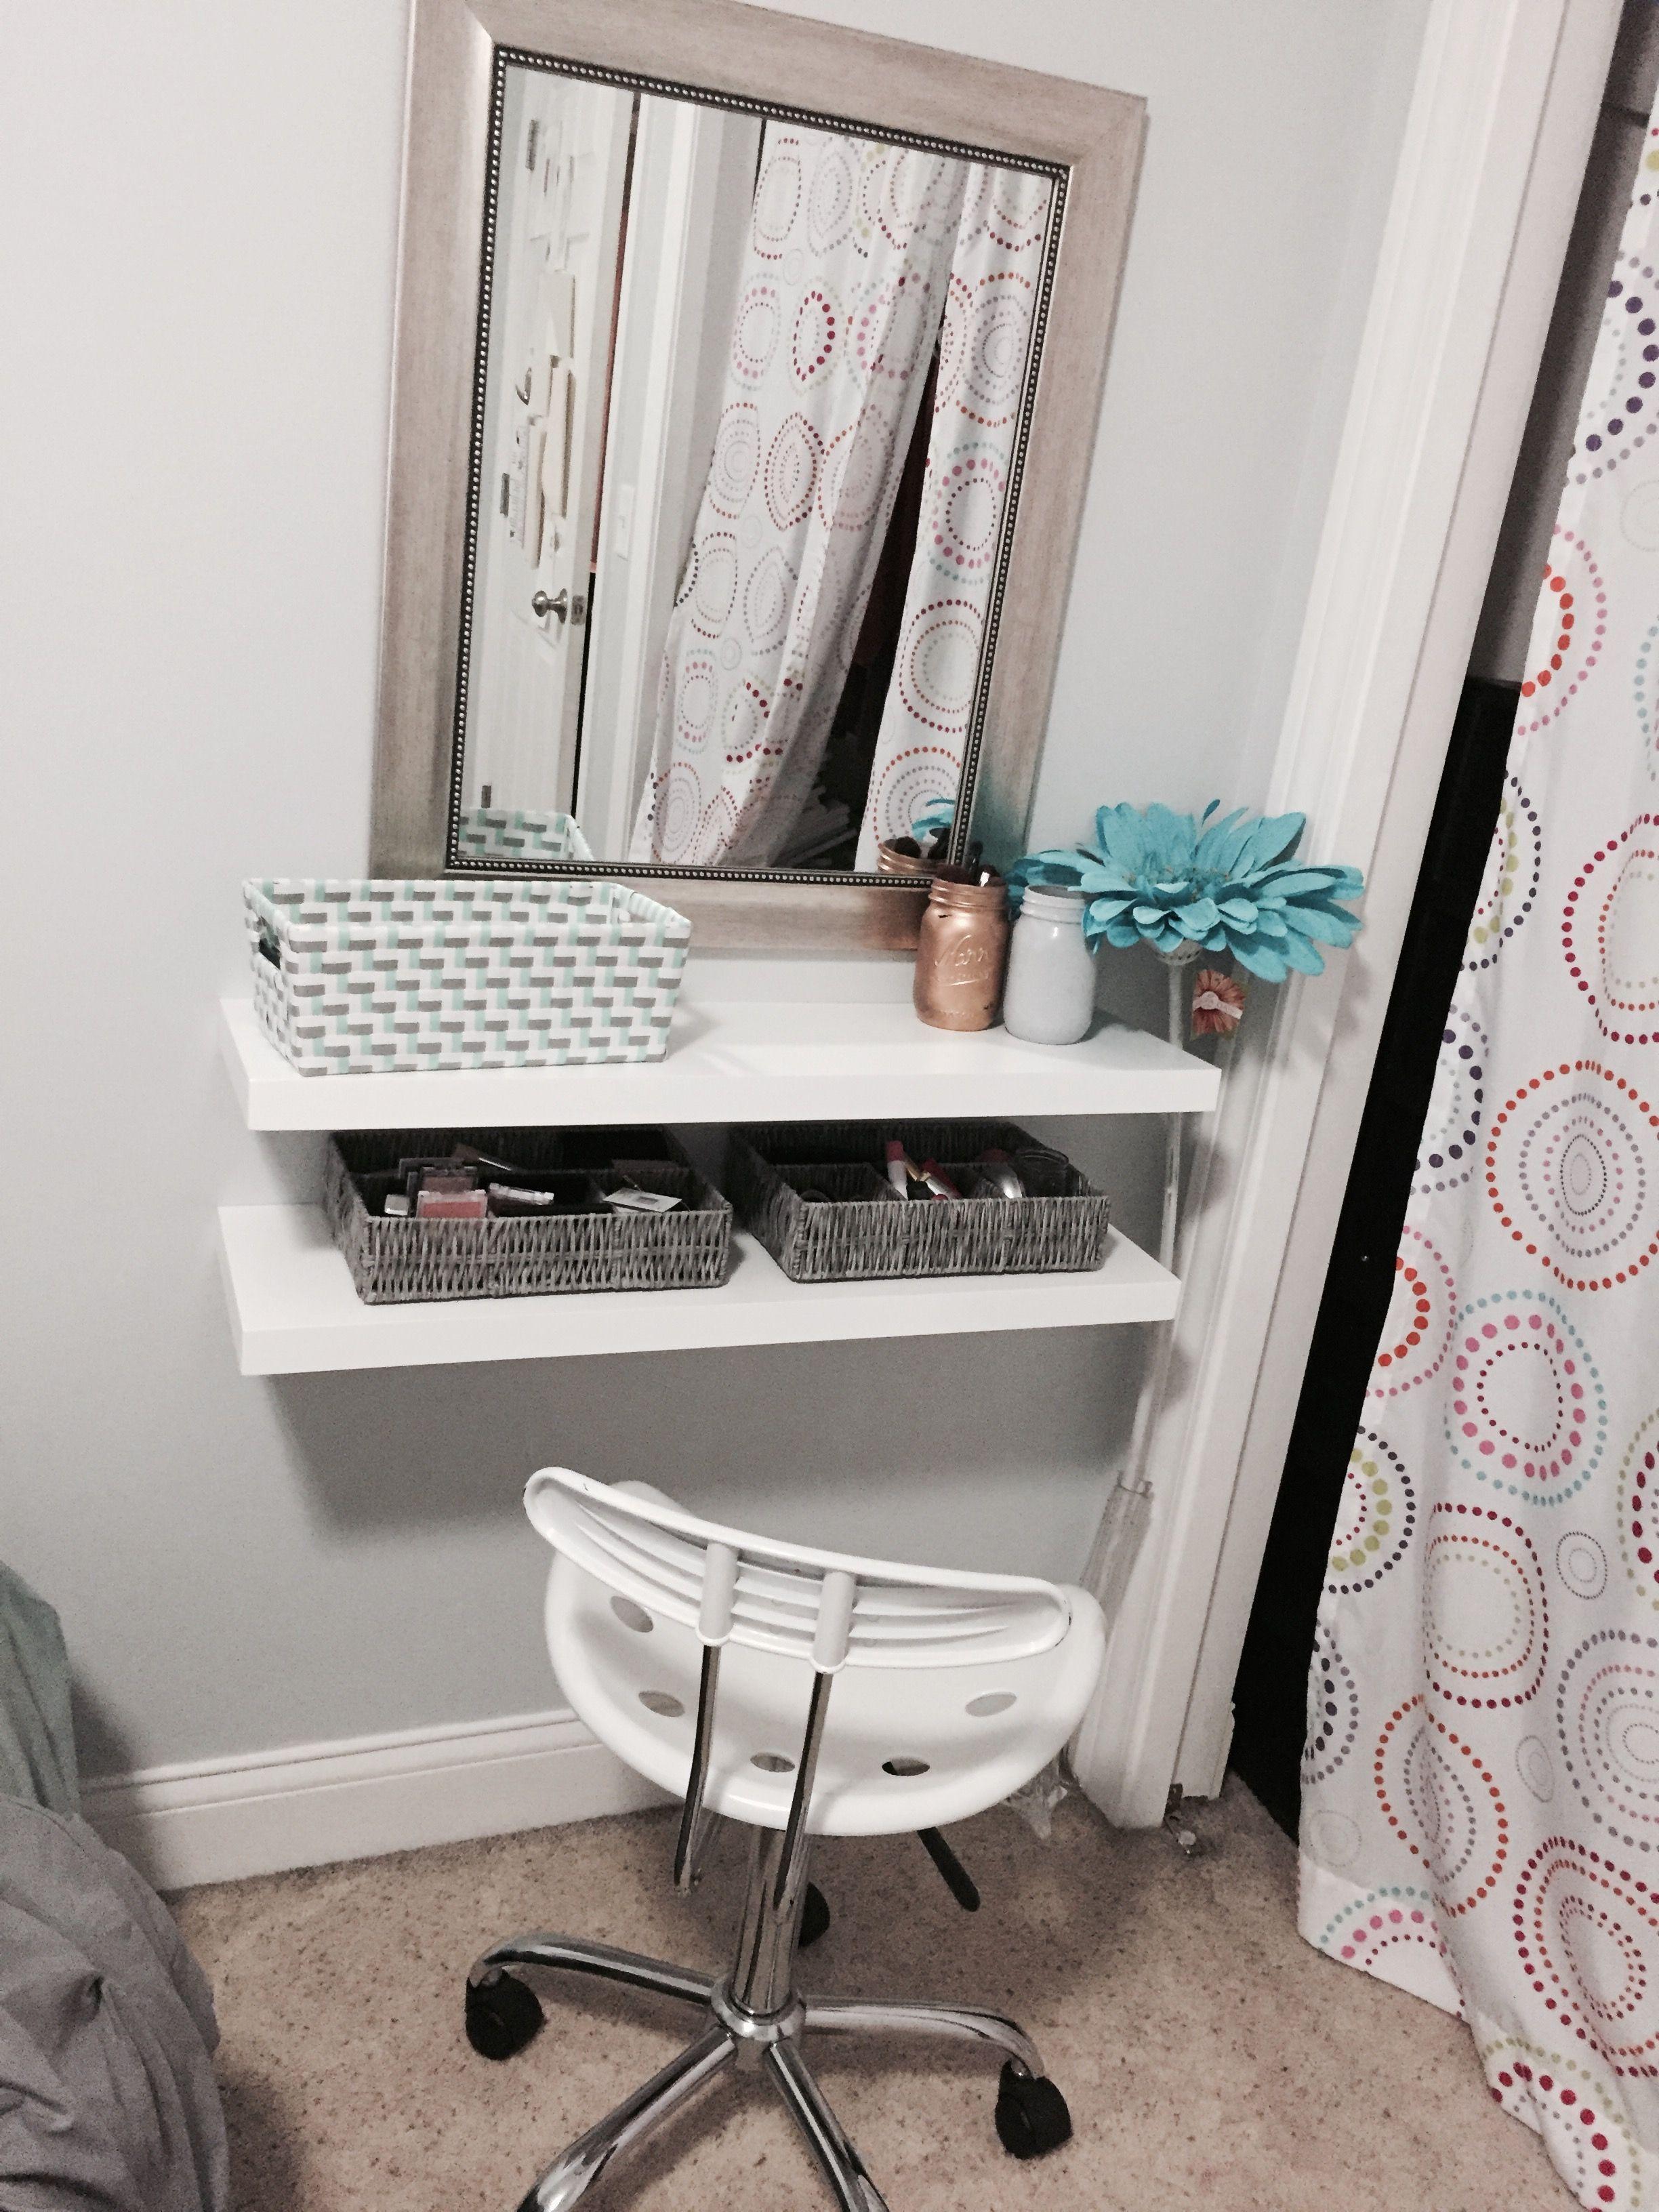 Diy Floating Shelves Makeup Vanity Diy Vanity Table Vanity Room